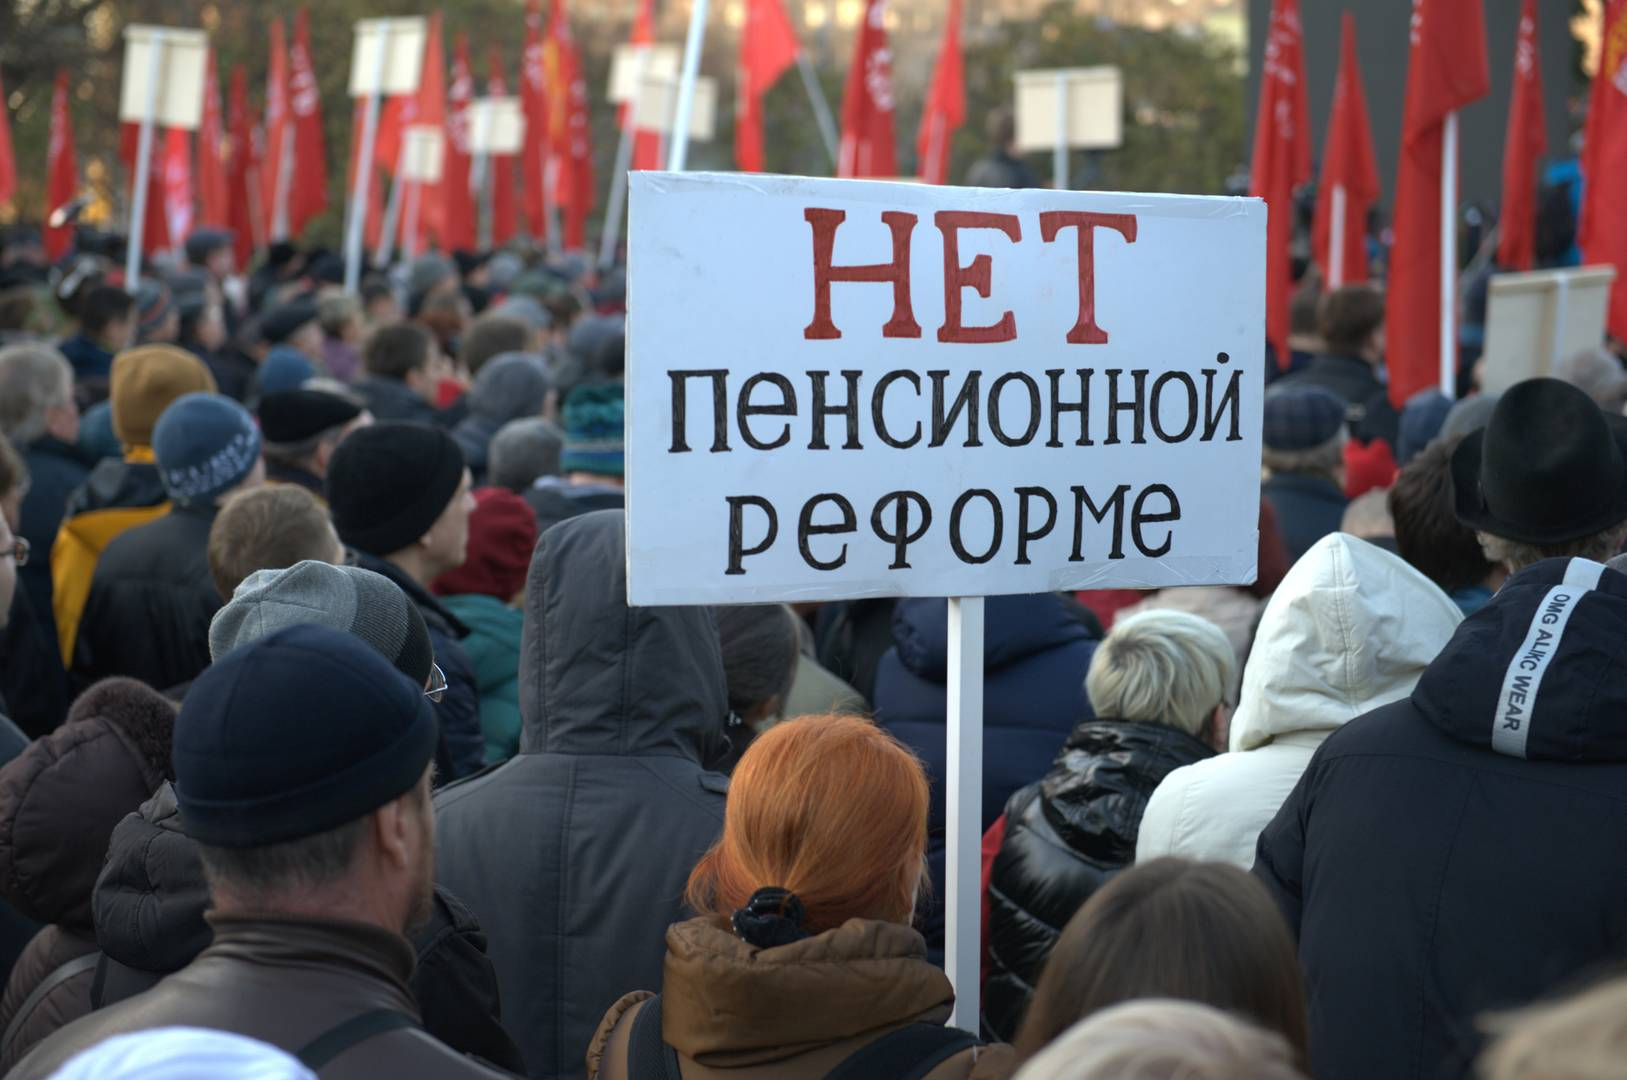 «НЕТ пенсионной реформе». Митинг «Сути времени» в Москве, 5 ноября 2018 г.